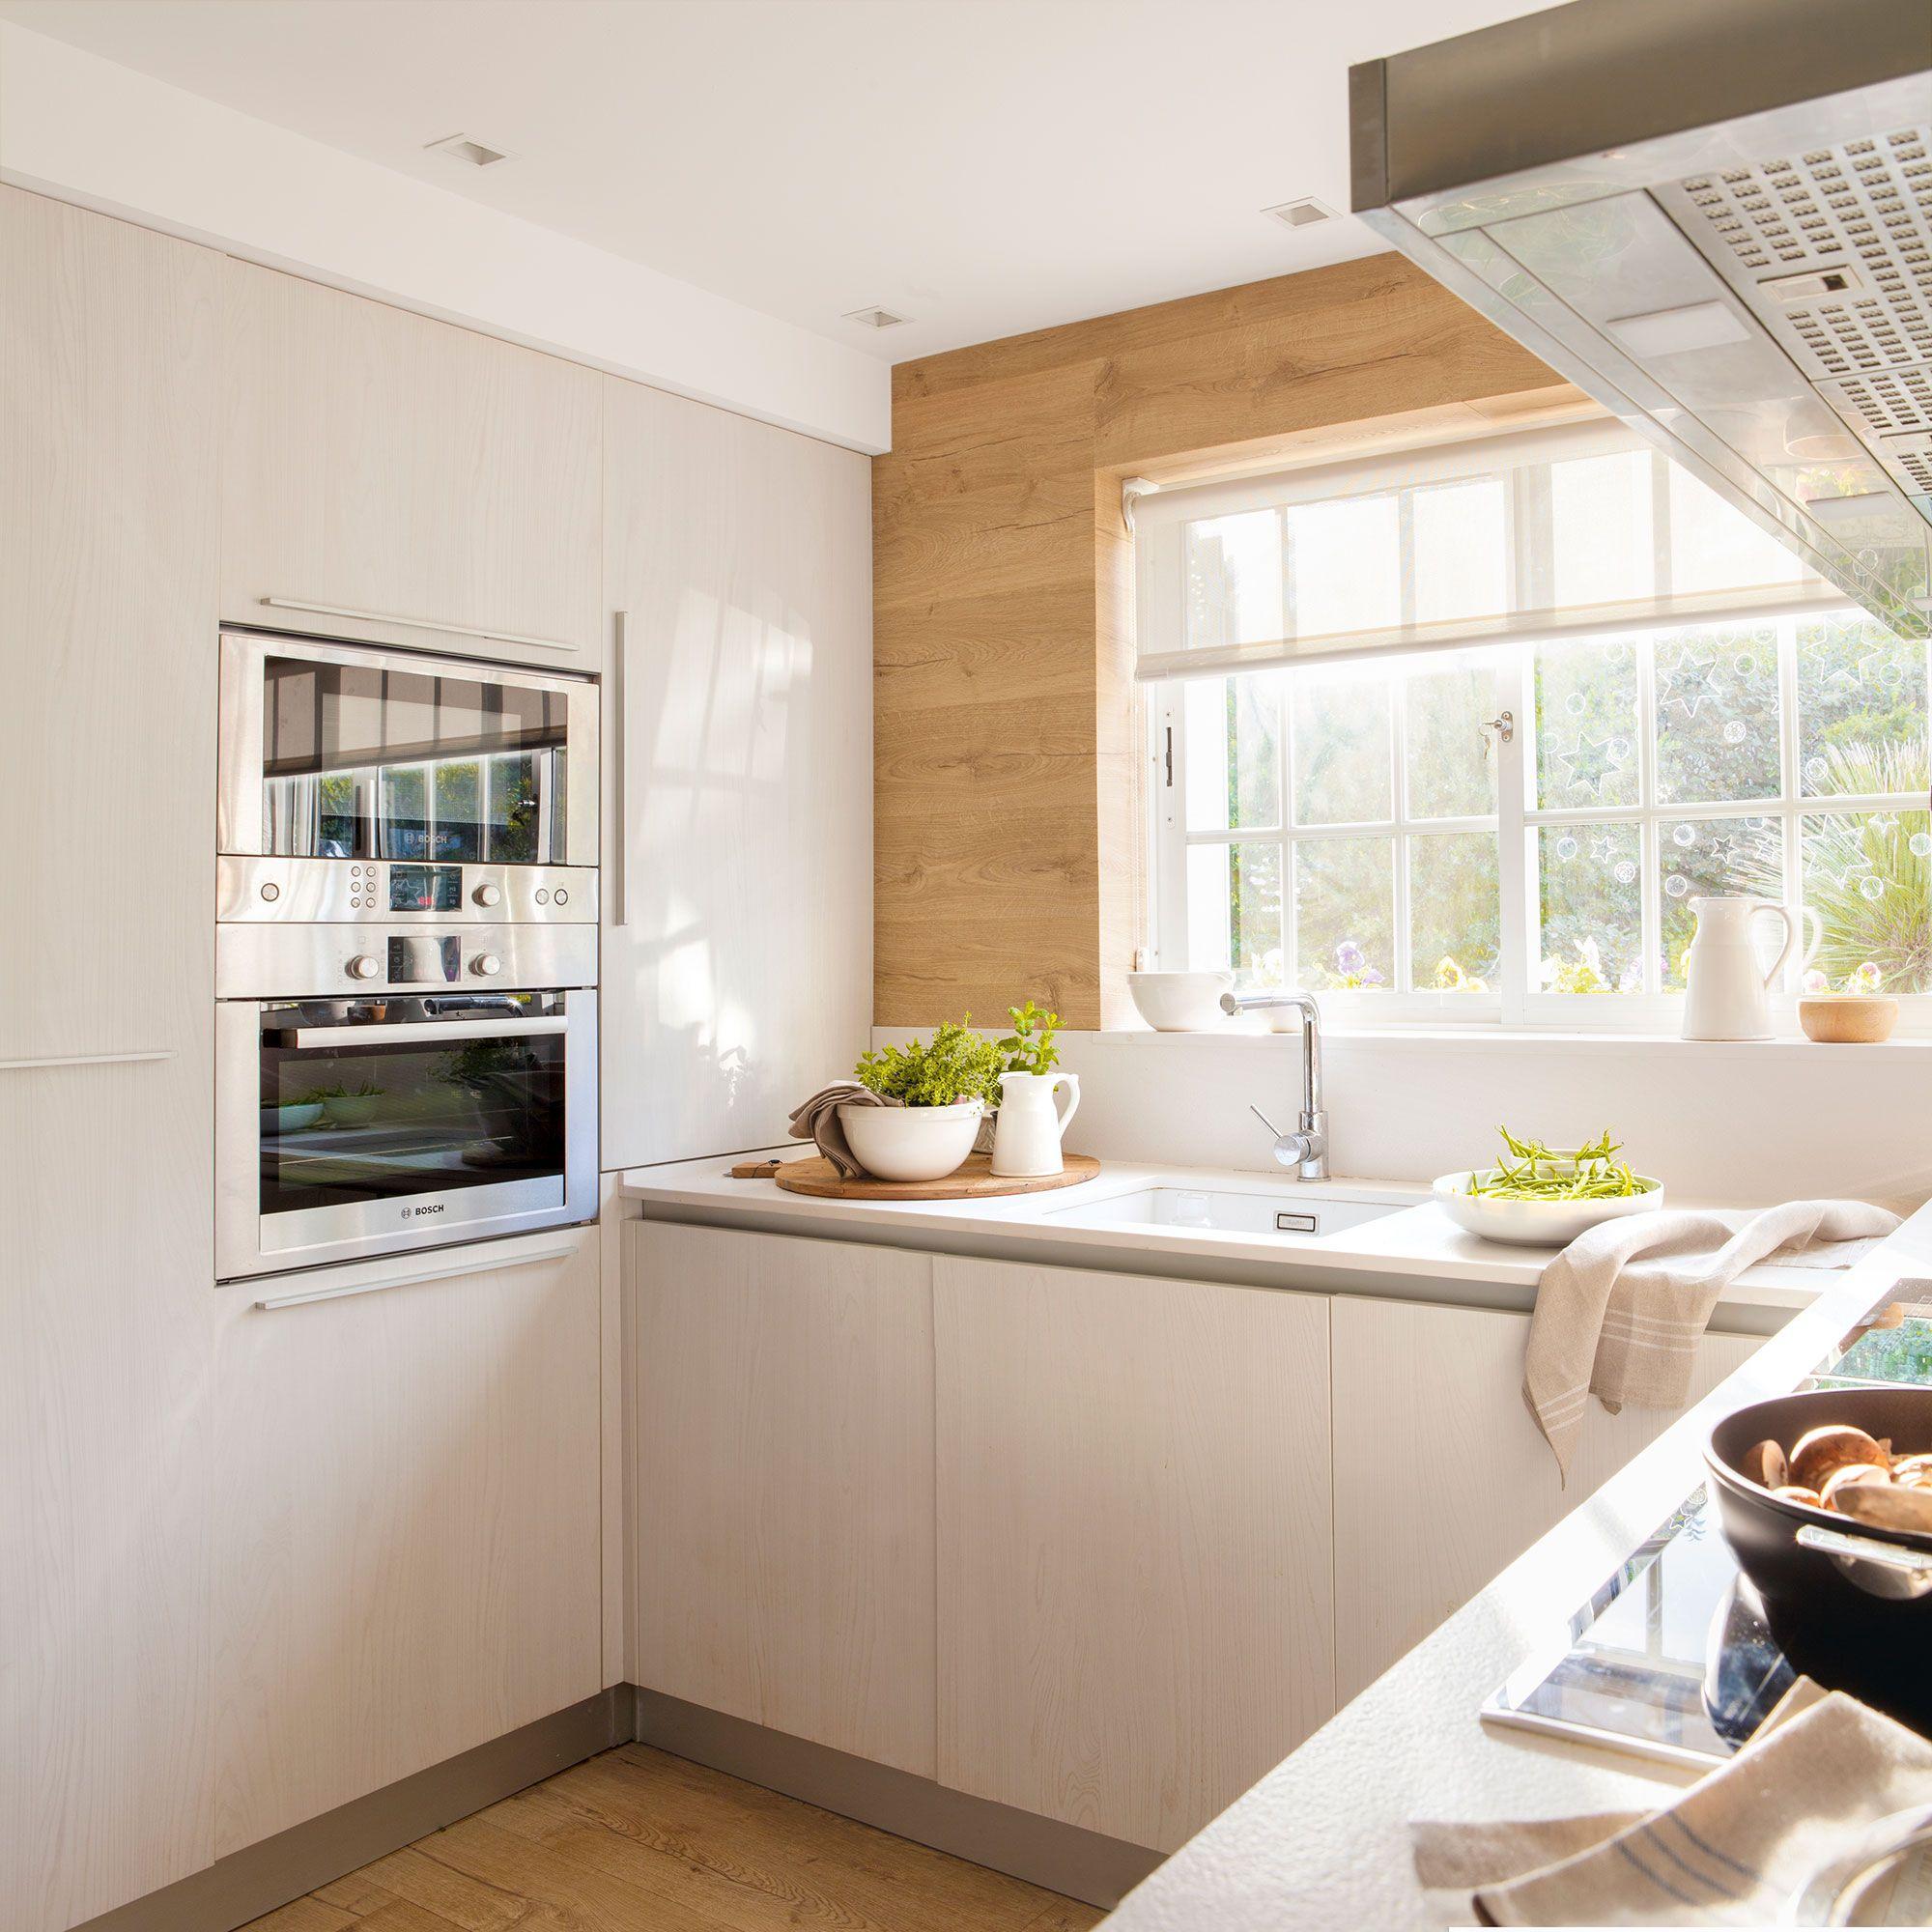 Renovar la cocina sin obras: 10 reformas low cost | Kitchen ...